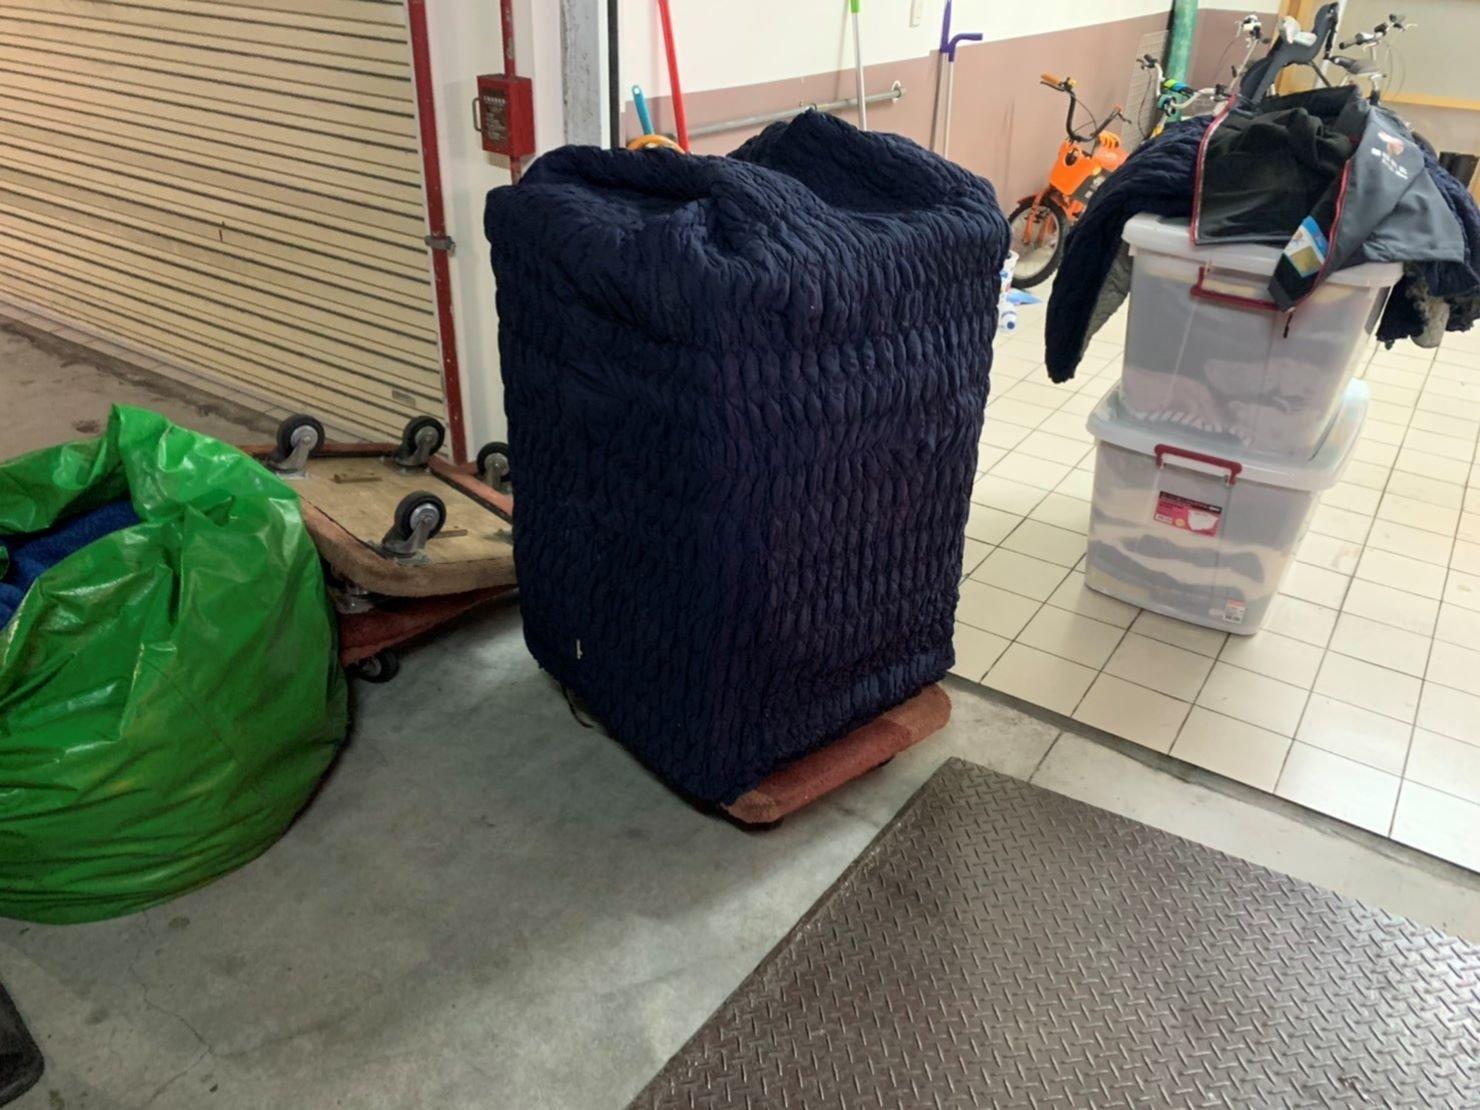 搬洗衣機推薦【榮福搬家公司】精搬金庫、搬保險櫃、精搬魚缸、跨縣搬家、搬工派遣、搬床墊、搬冰箱、搬家具、搬家首選、吊掛搬運、吊家具搬運、台北搬家公司推薦:大台北搬家,精緻包裝搬運「細膩包裝、專業搬運、用心服務、以客為尊」是榮福搬家公司的宗旨與精神。歡迎立即來電02-2651-2727專人服務。